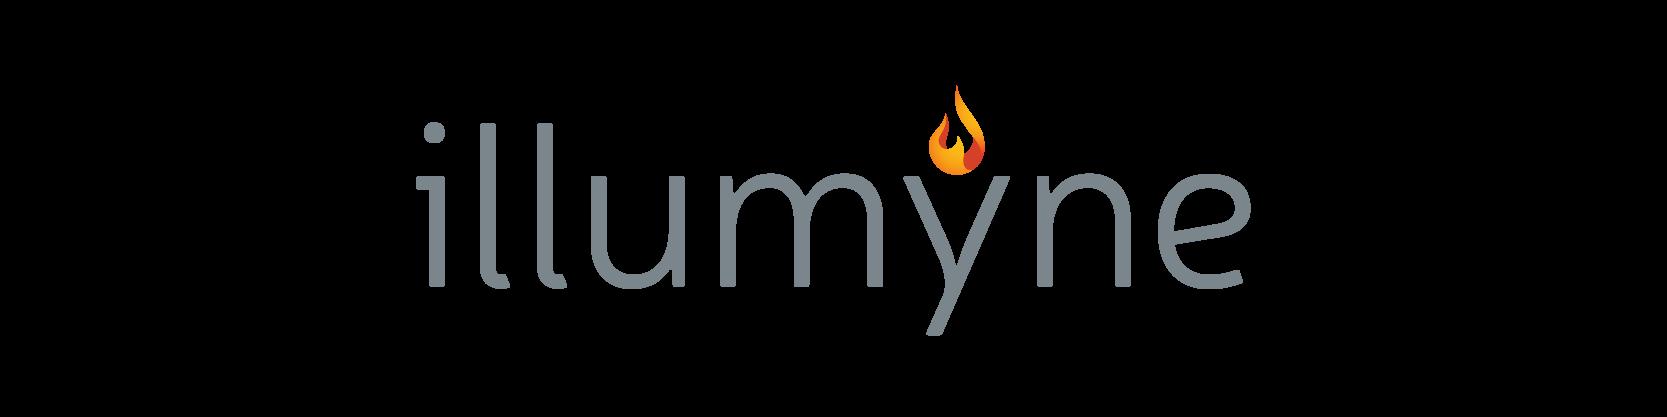 illumyne thing-01.png